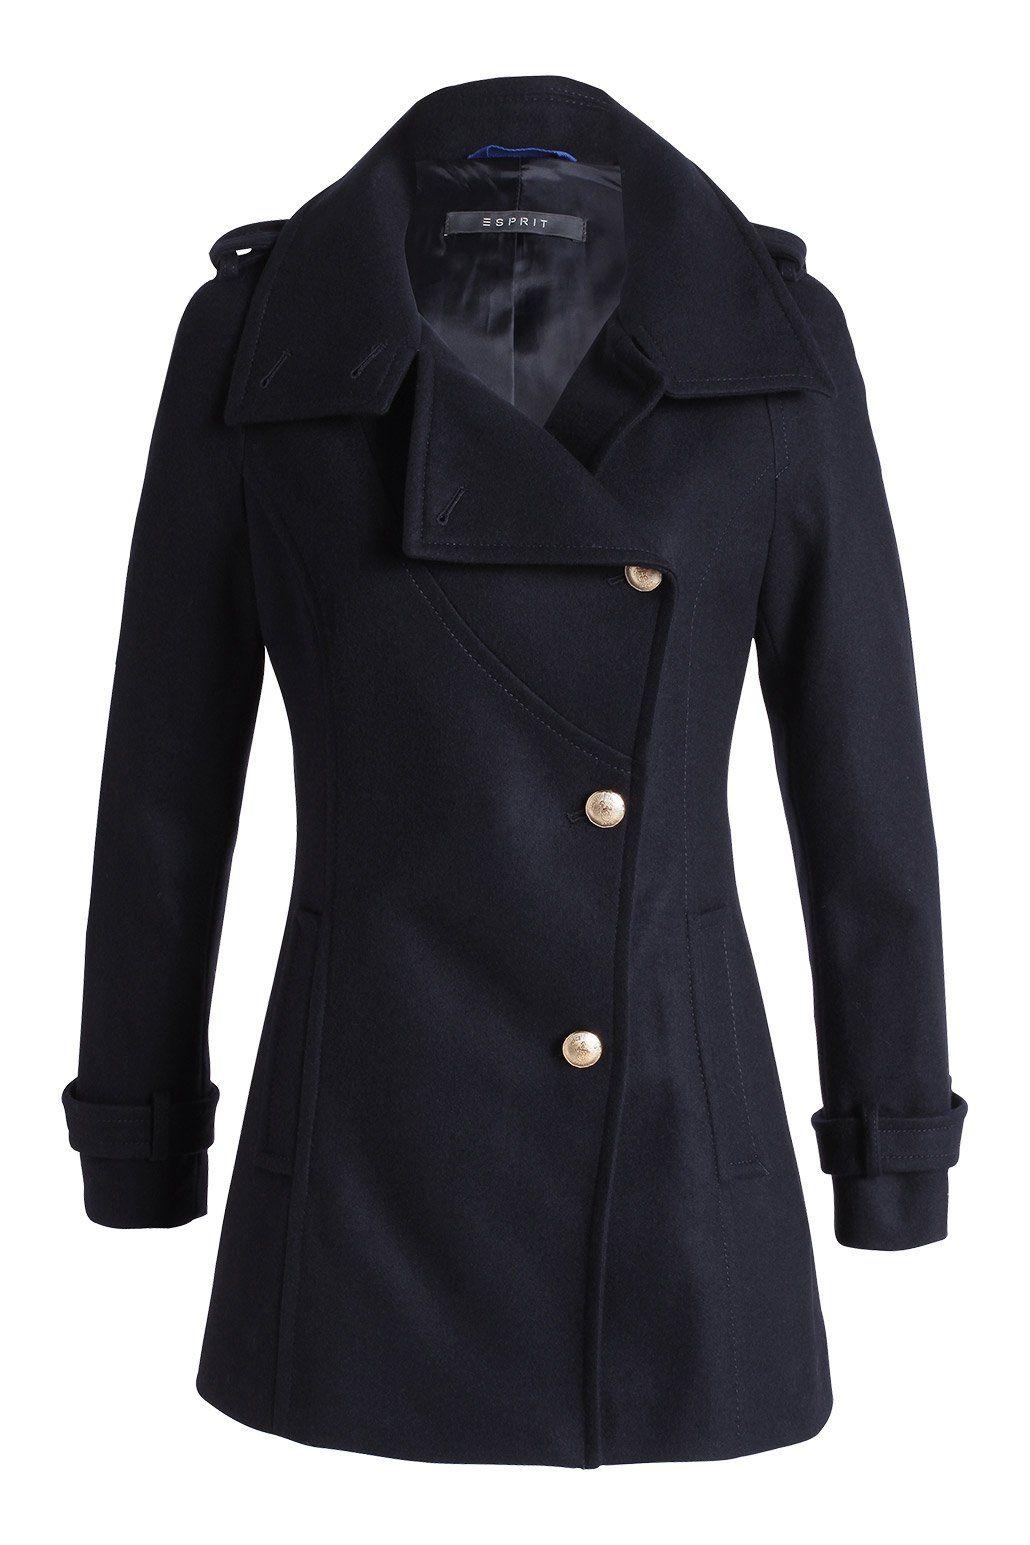 vêtements pour femmes ESPRIT   ESPRIT clothing for women  3ee1130a0f121